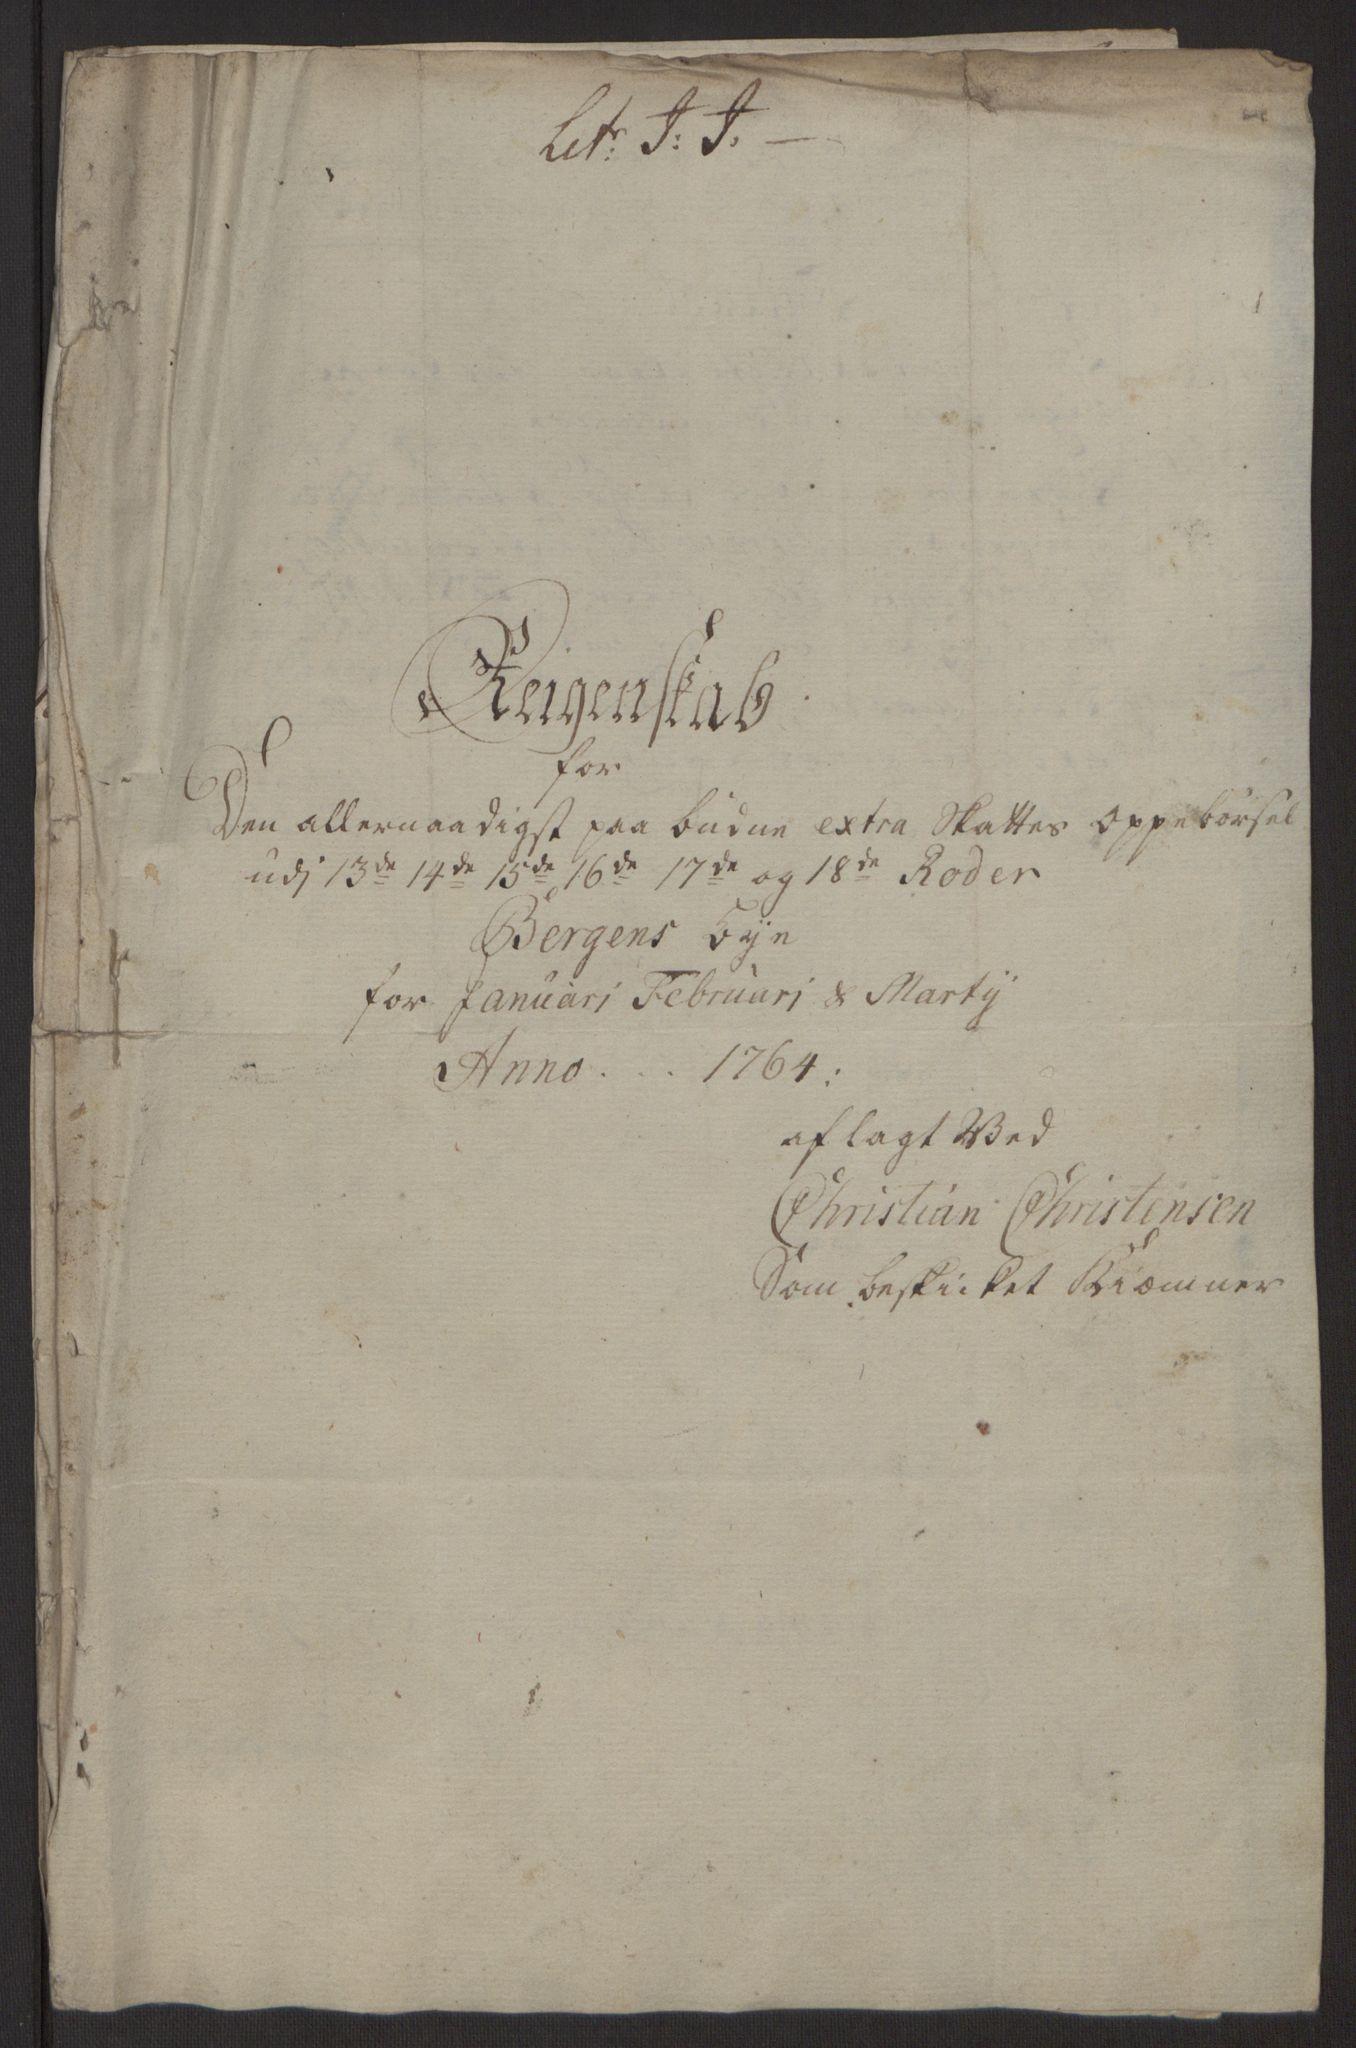 RA, Rentekammeret inntil 1814, Reviderte regnskaper, Byregnskaper, R/Rp/L0368: [P21] Kontribusjonsregnskap, 1764, s. 10